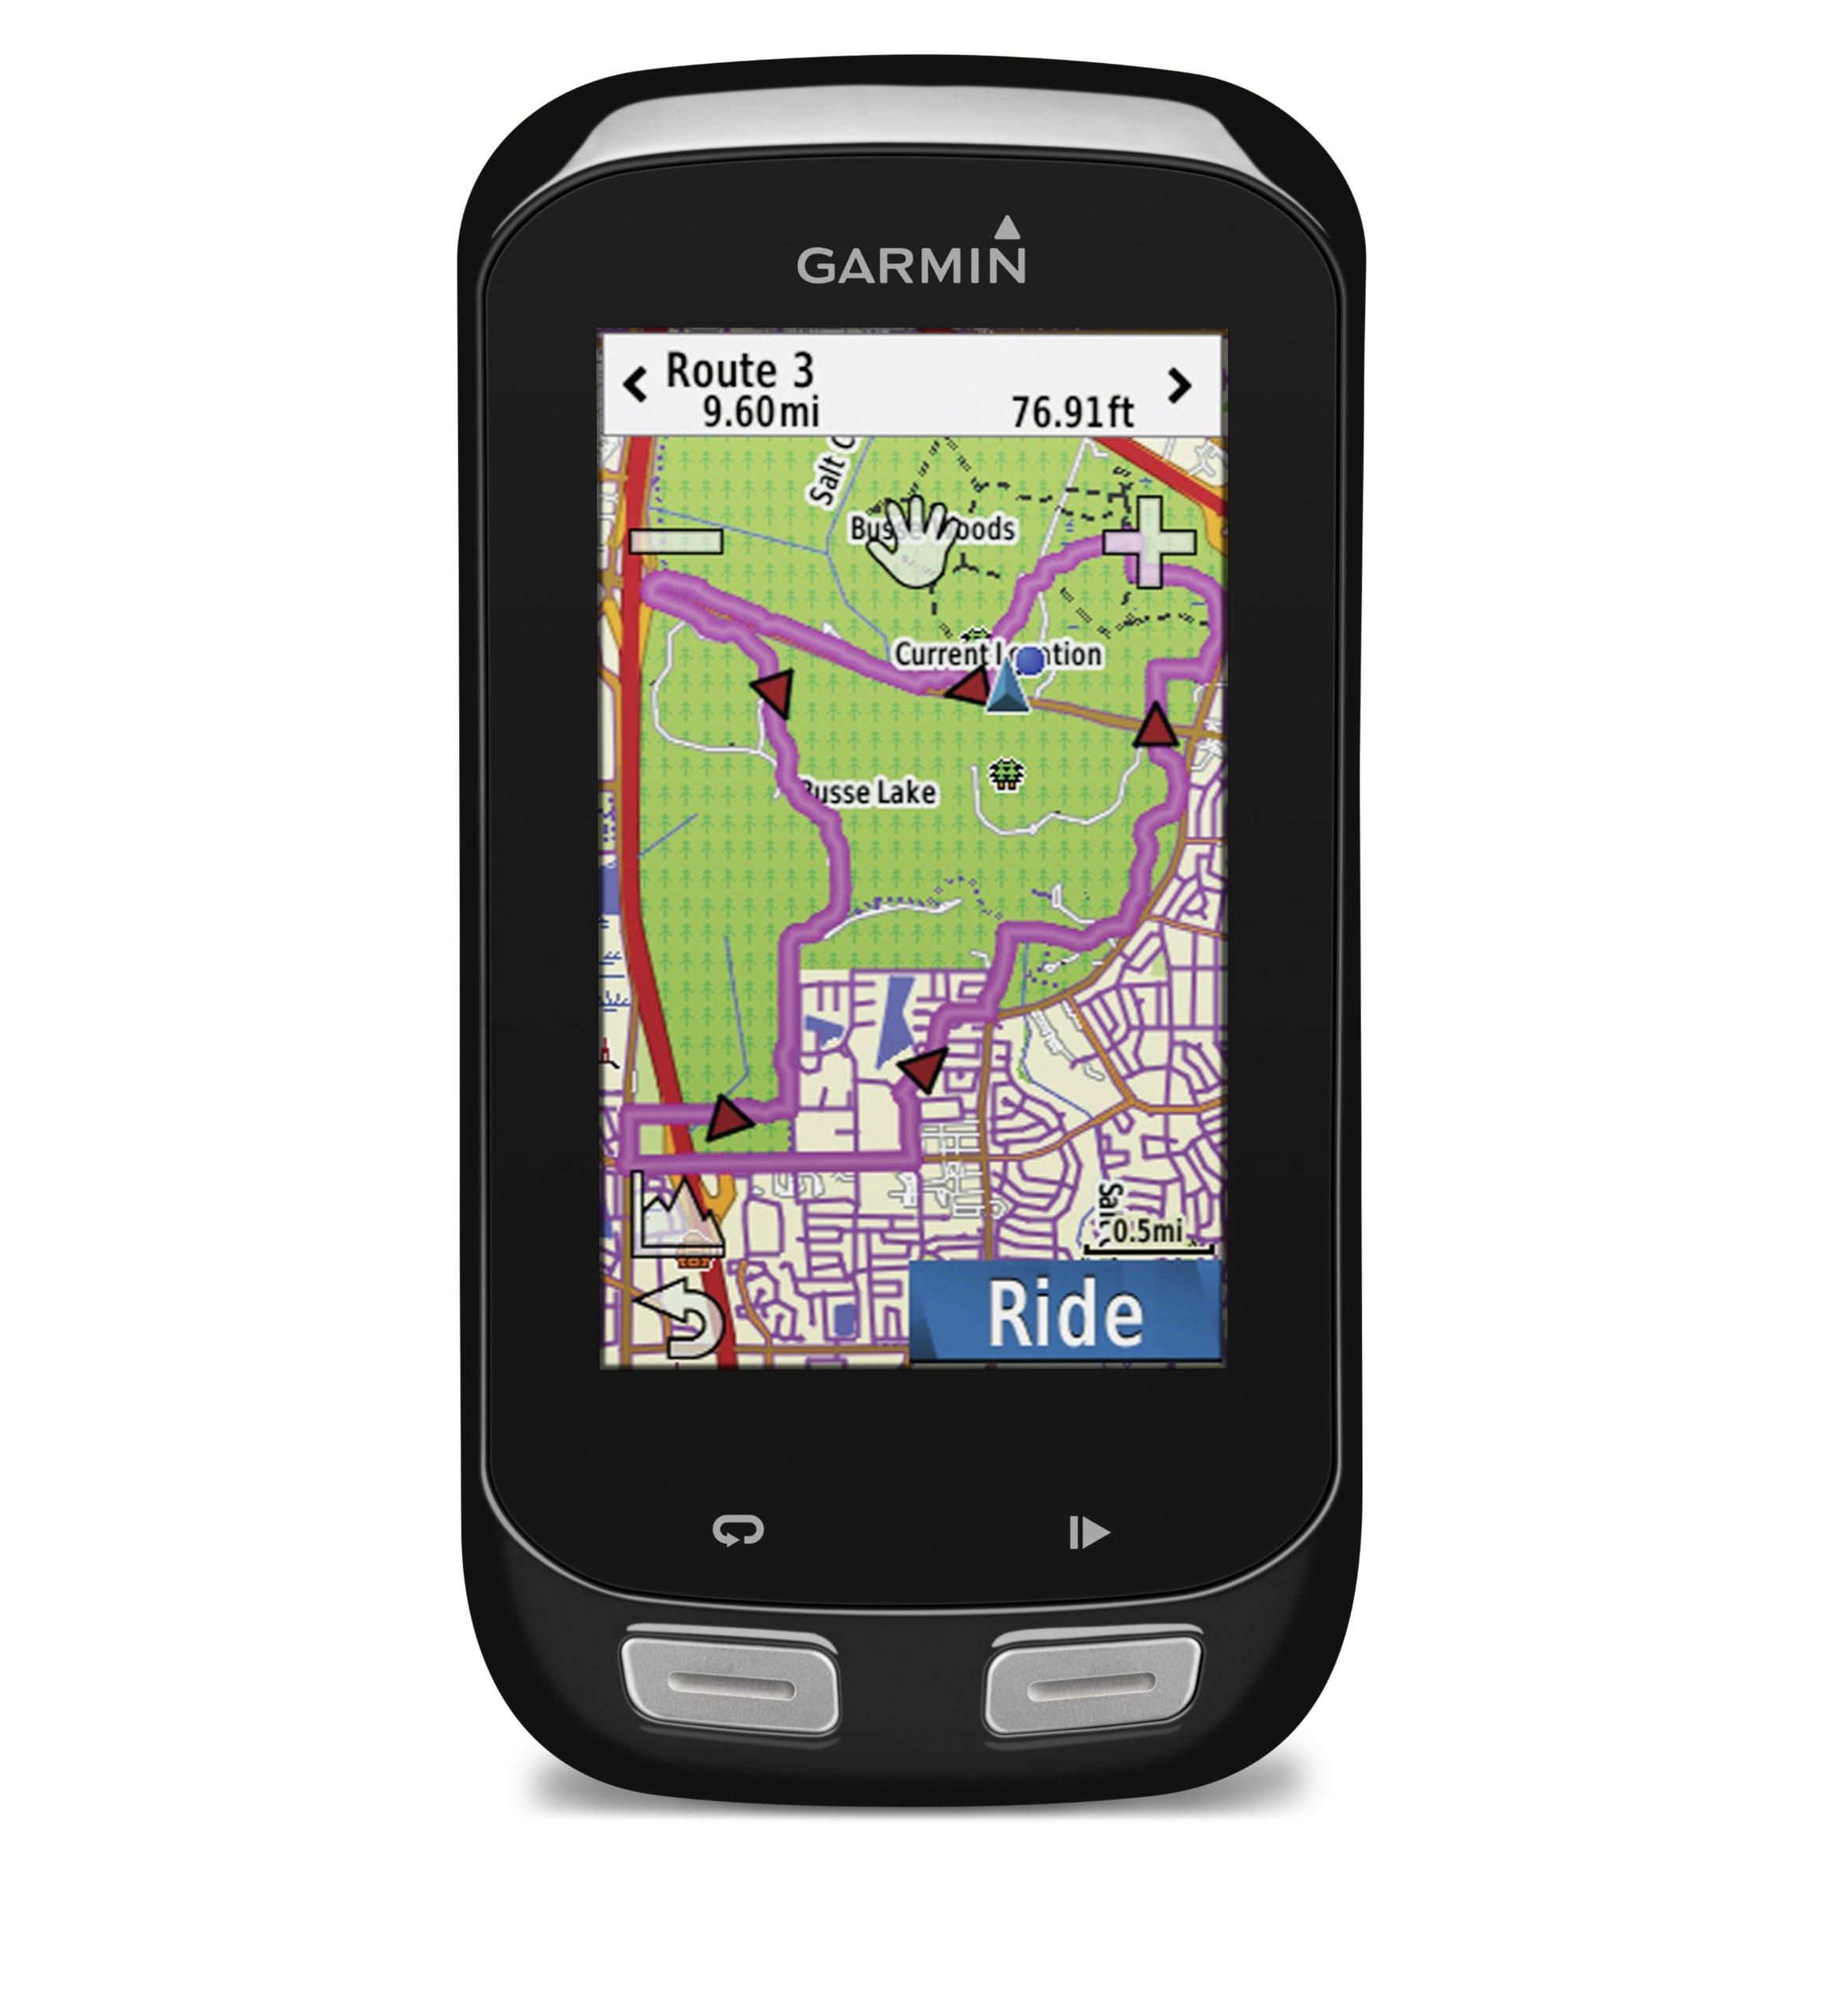 Garmin Edge 1000 Color Touchscreen GPS by Garmin